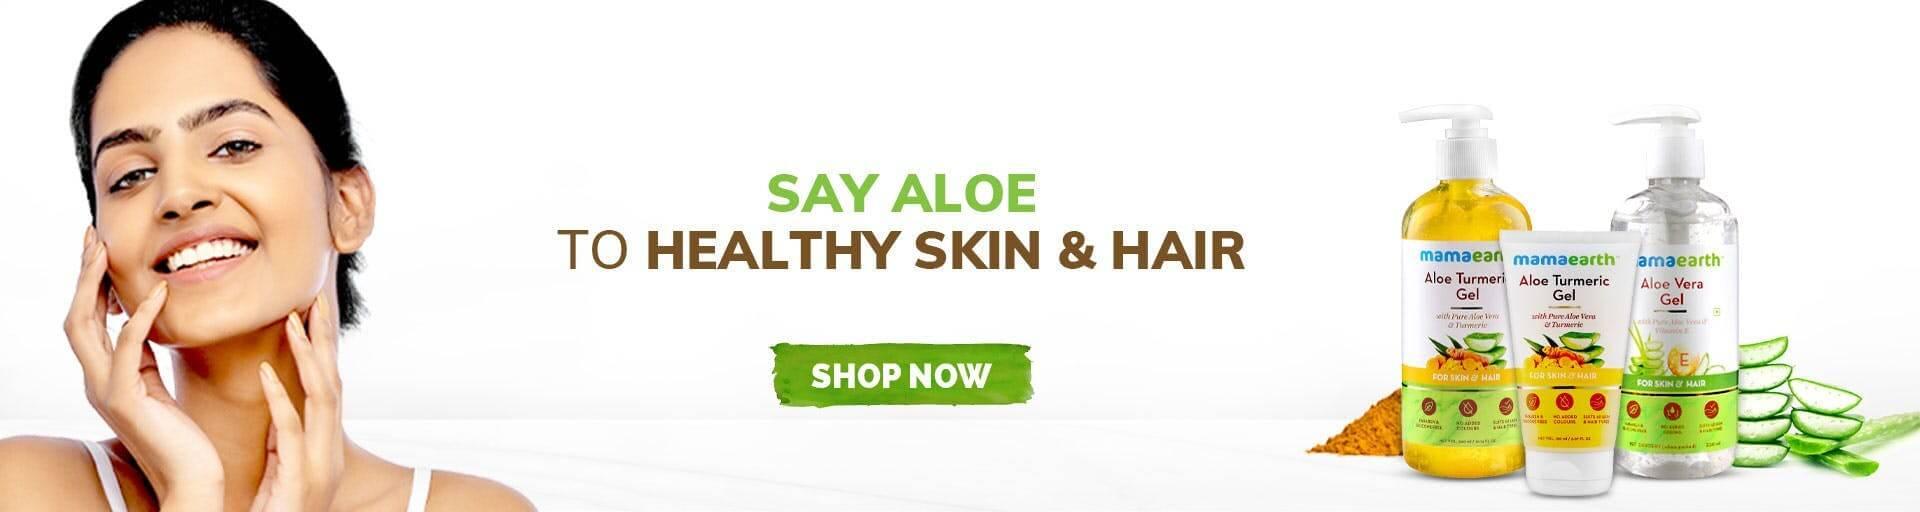 Aloe face gel